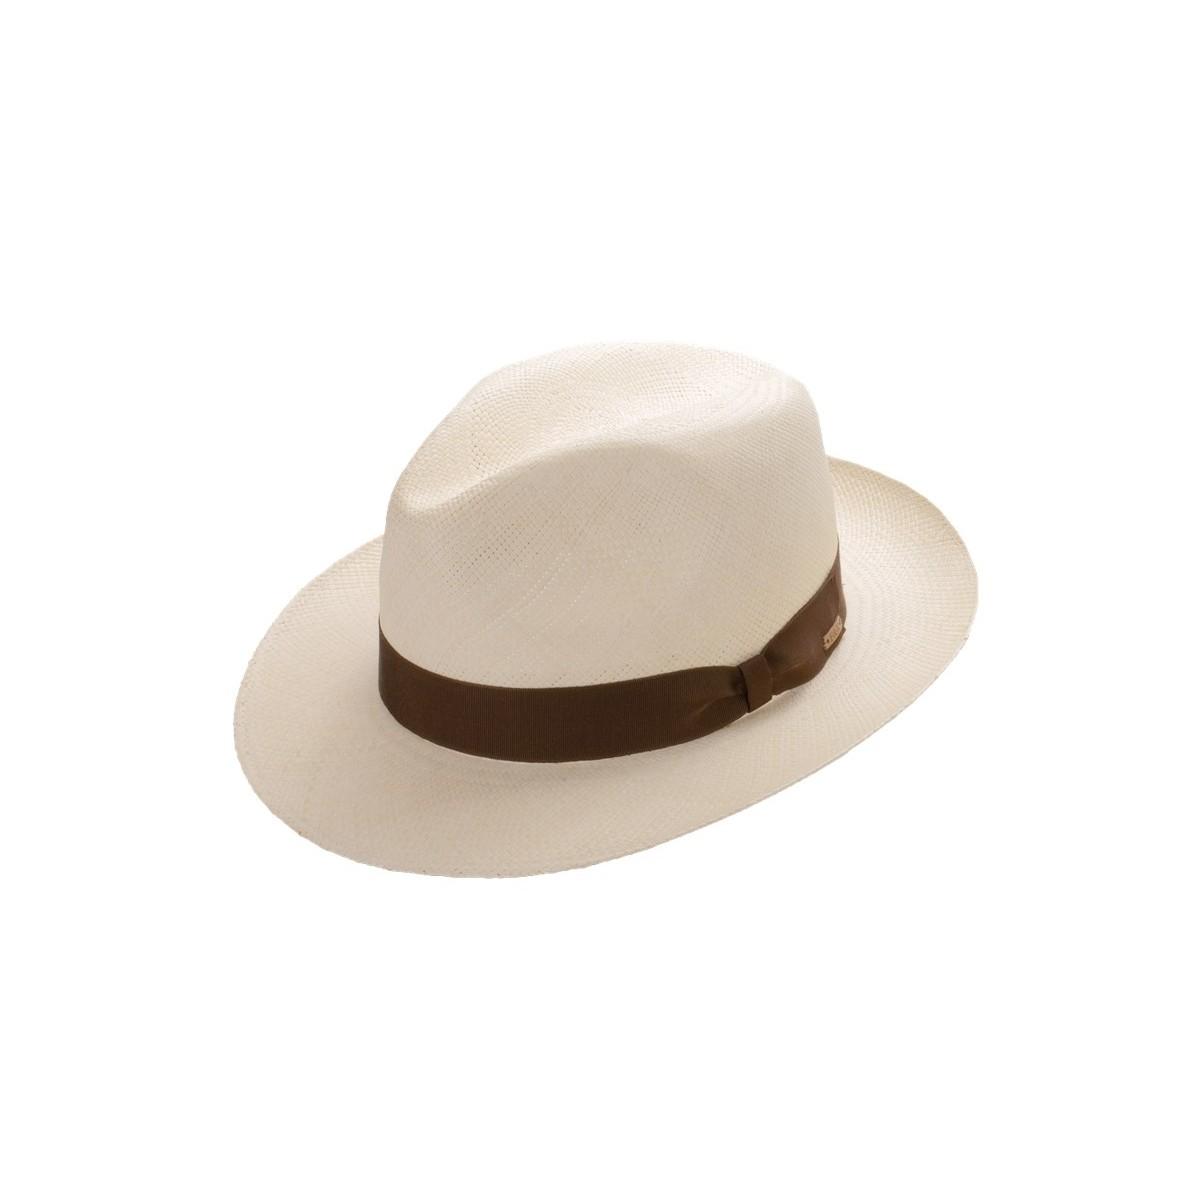 Roman sombrero de hombre panamá copa Fedora en blanco con cinta marrón chocolate. Fernández y ROCHE